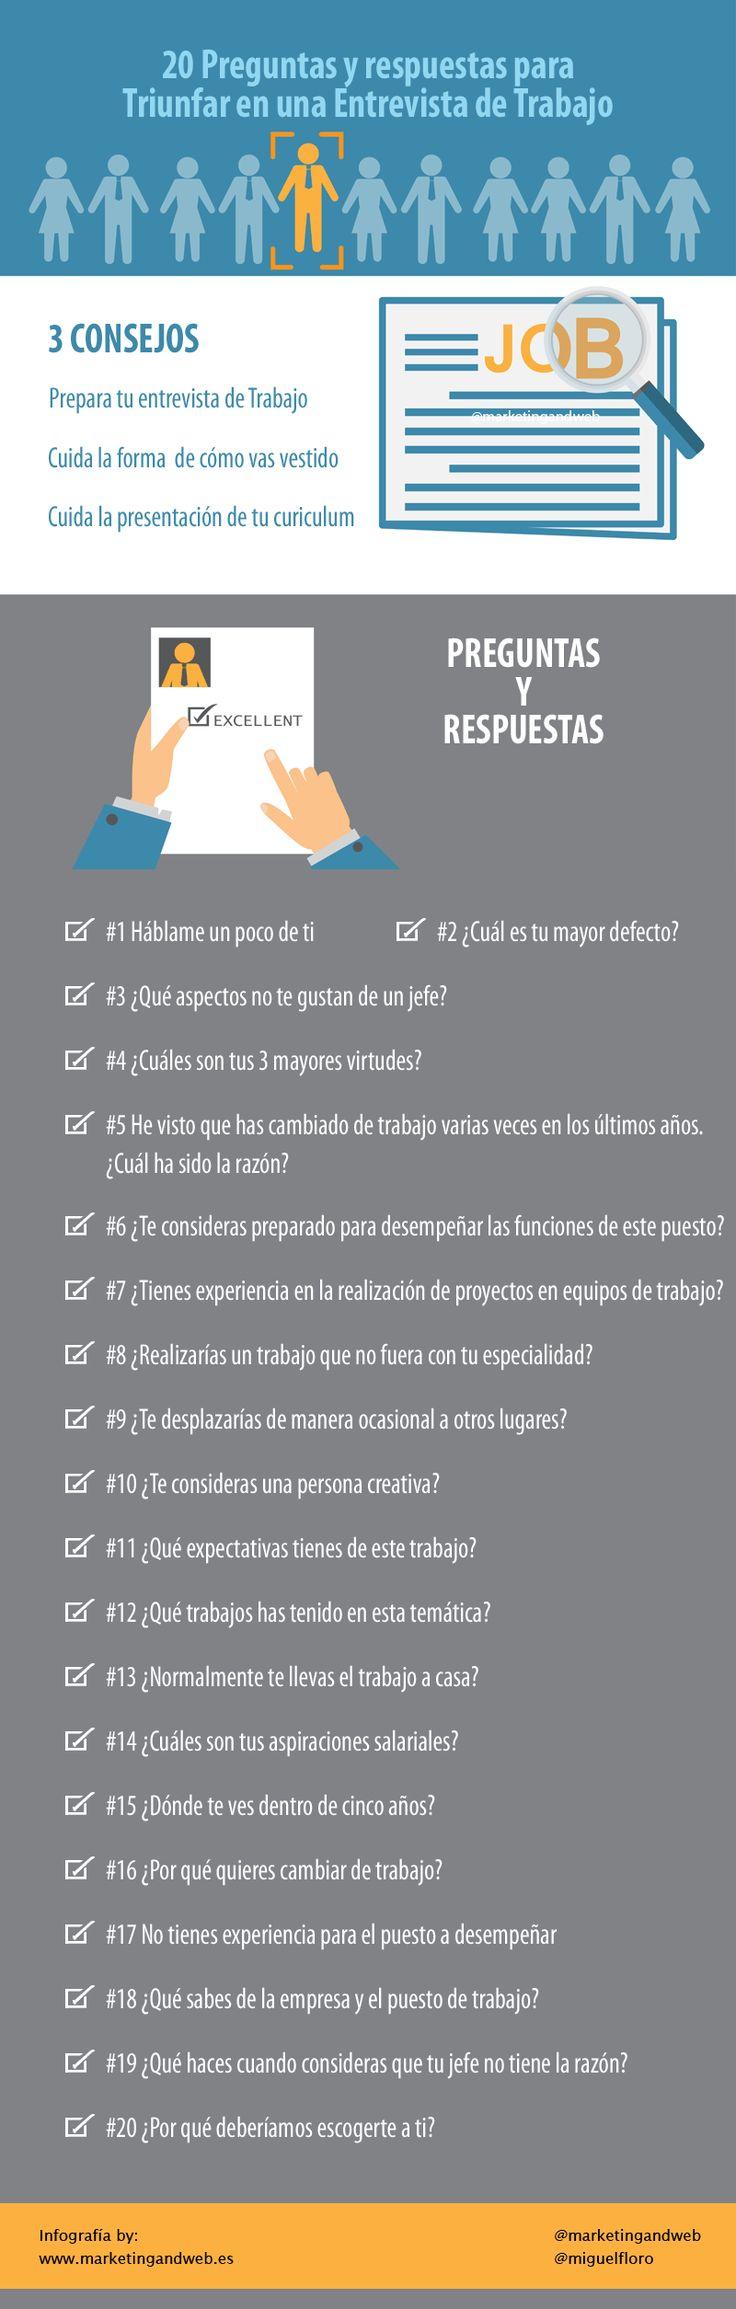 20 preguntas clave para una Entrevista de Trabajo